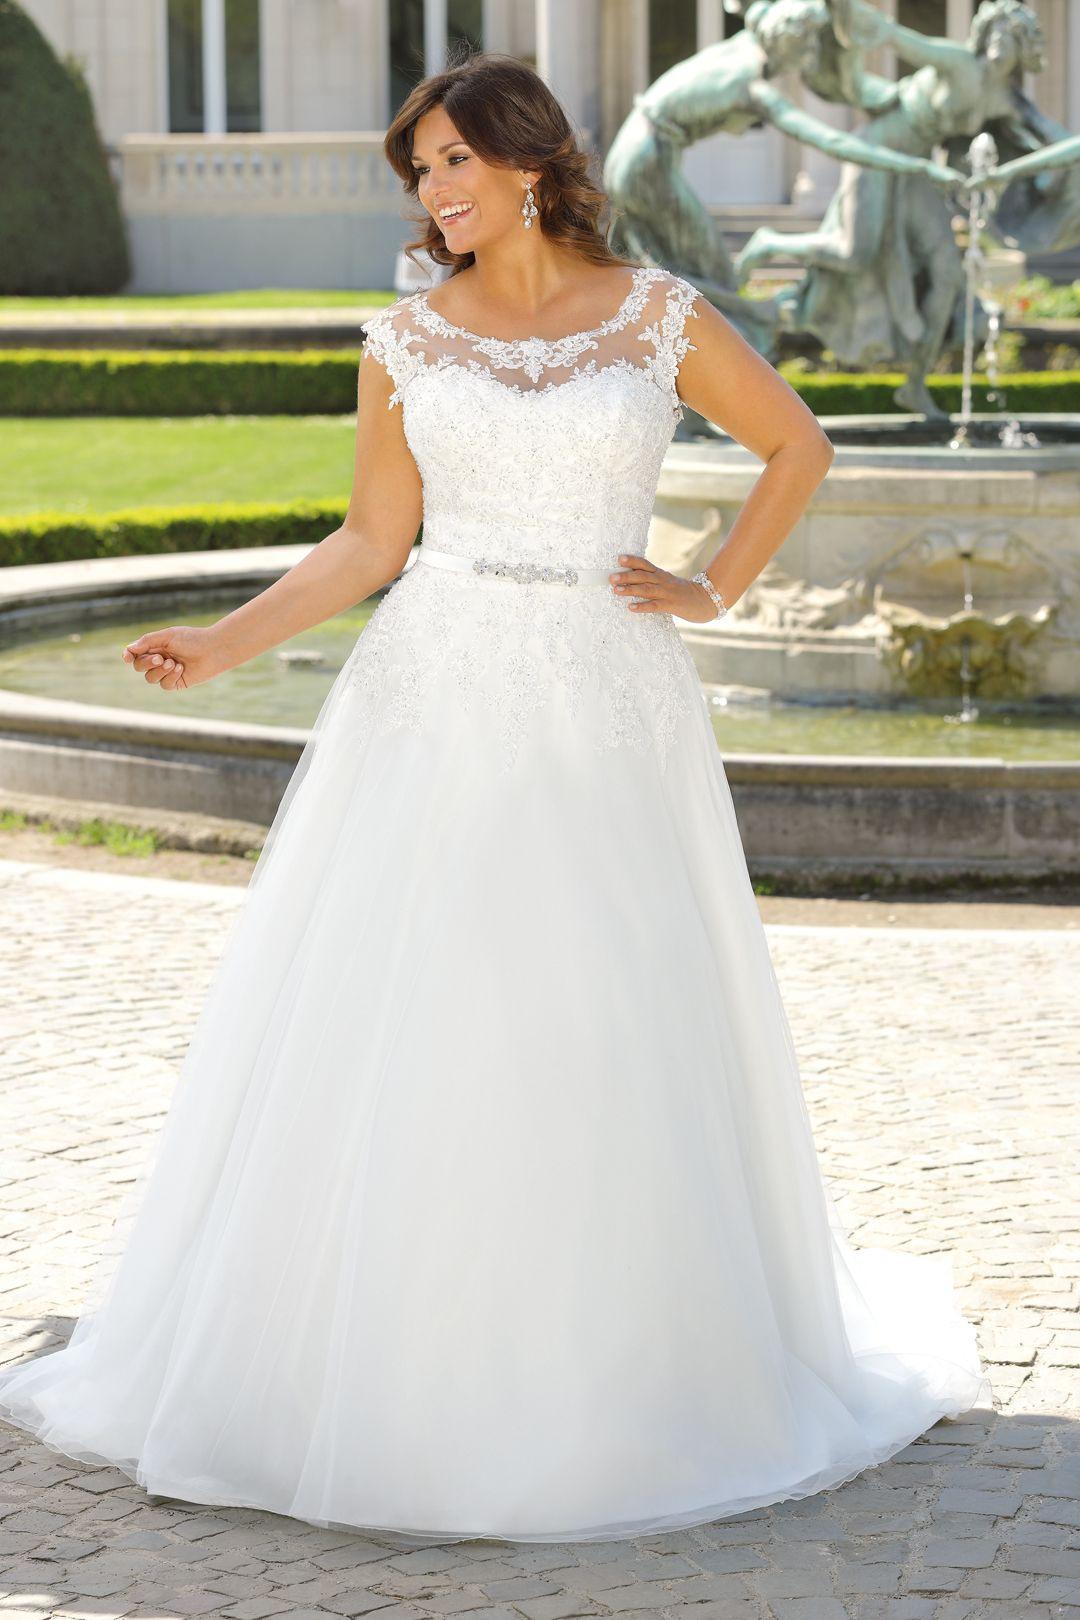 Brautkleider Große Größen 2019 Erhältlich Bei Bösckens In